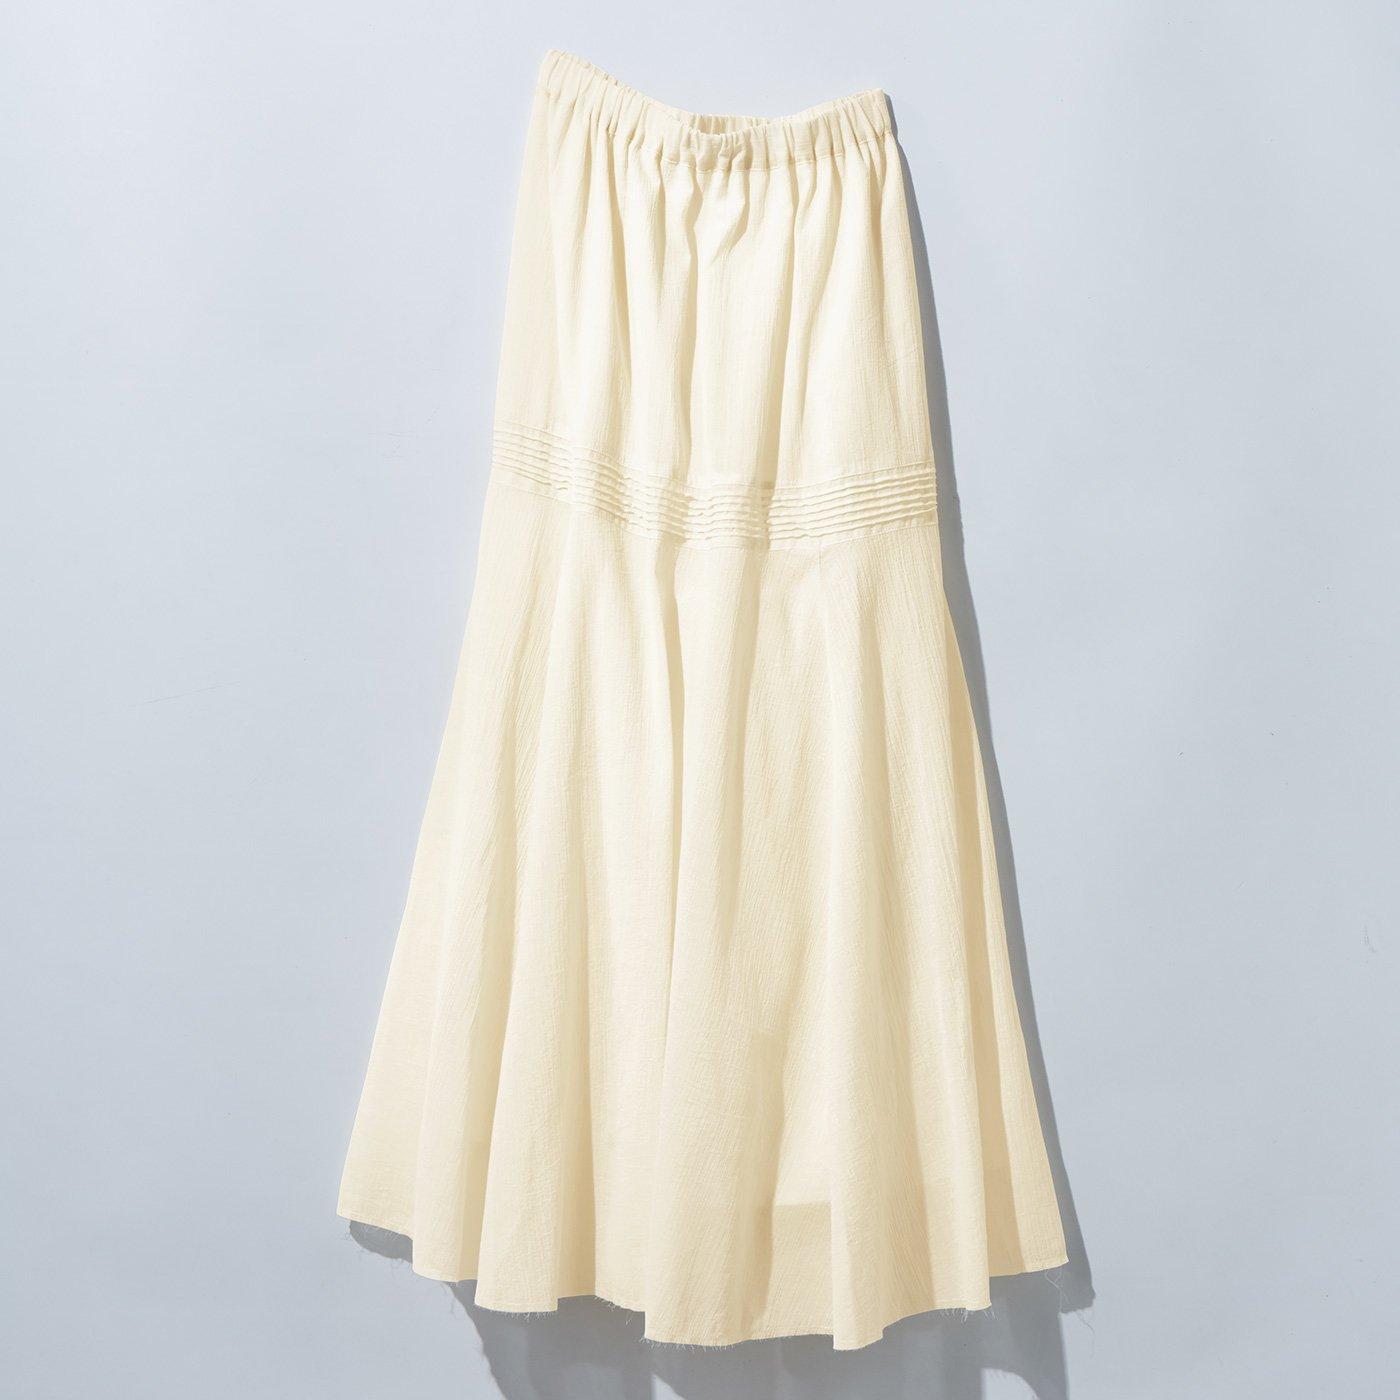 MEDE19F 甘織りコットンロングスカート〈アイボリー〉